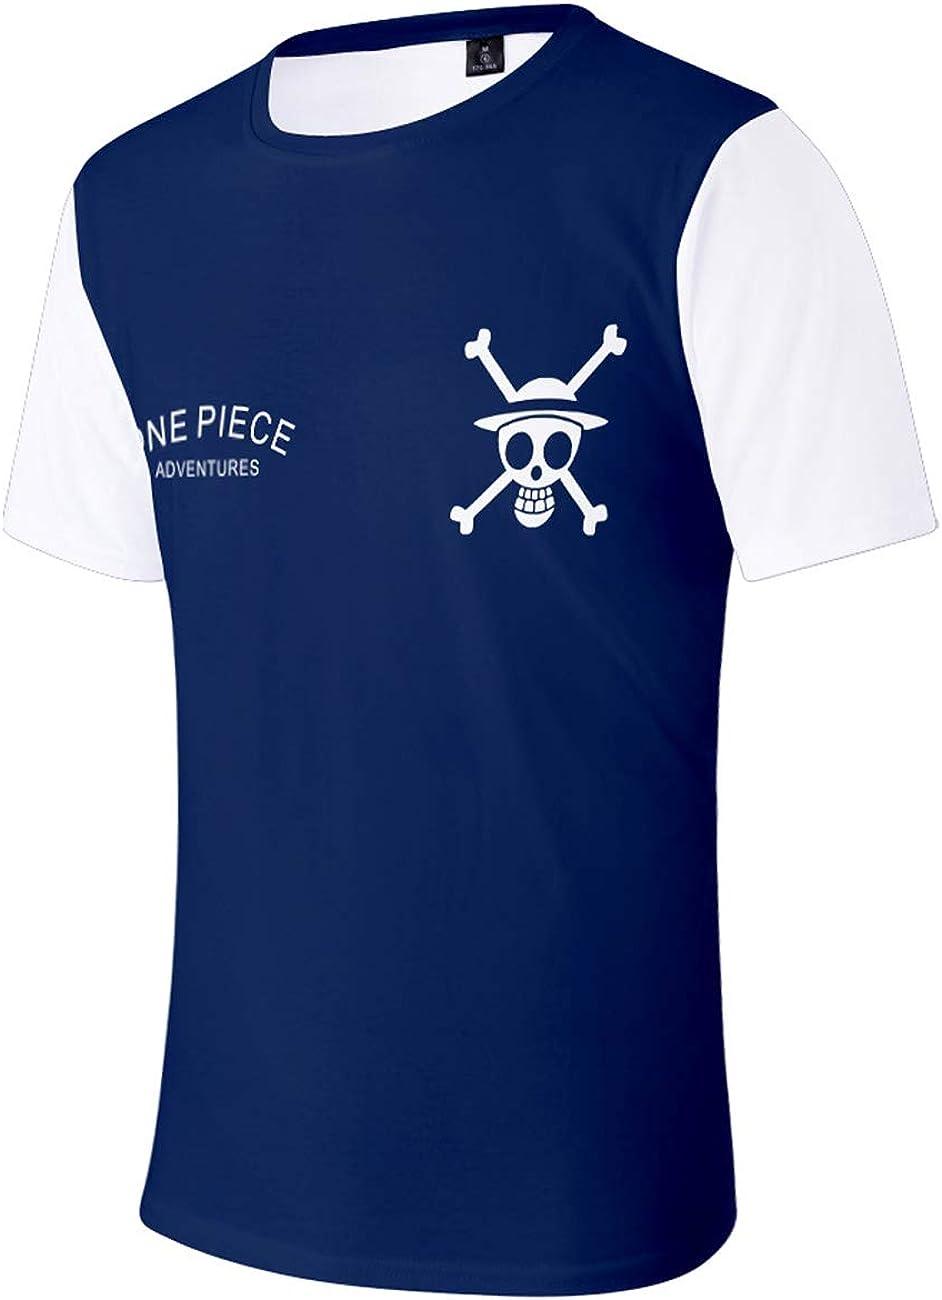 Camiseta One Piece Hombre, Camiseta One Piece Niño ...